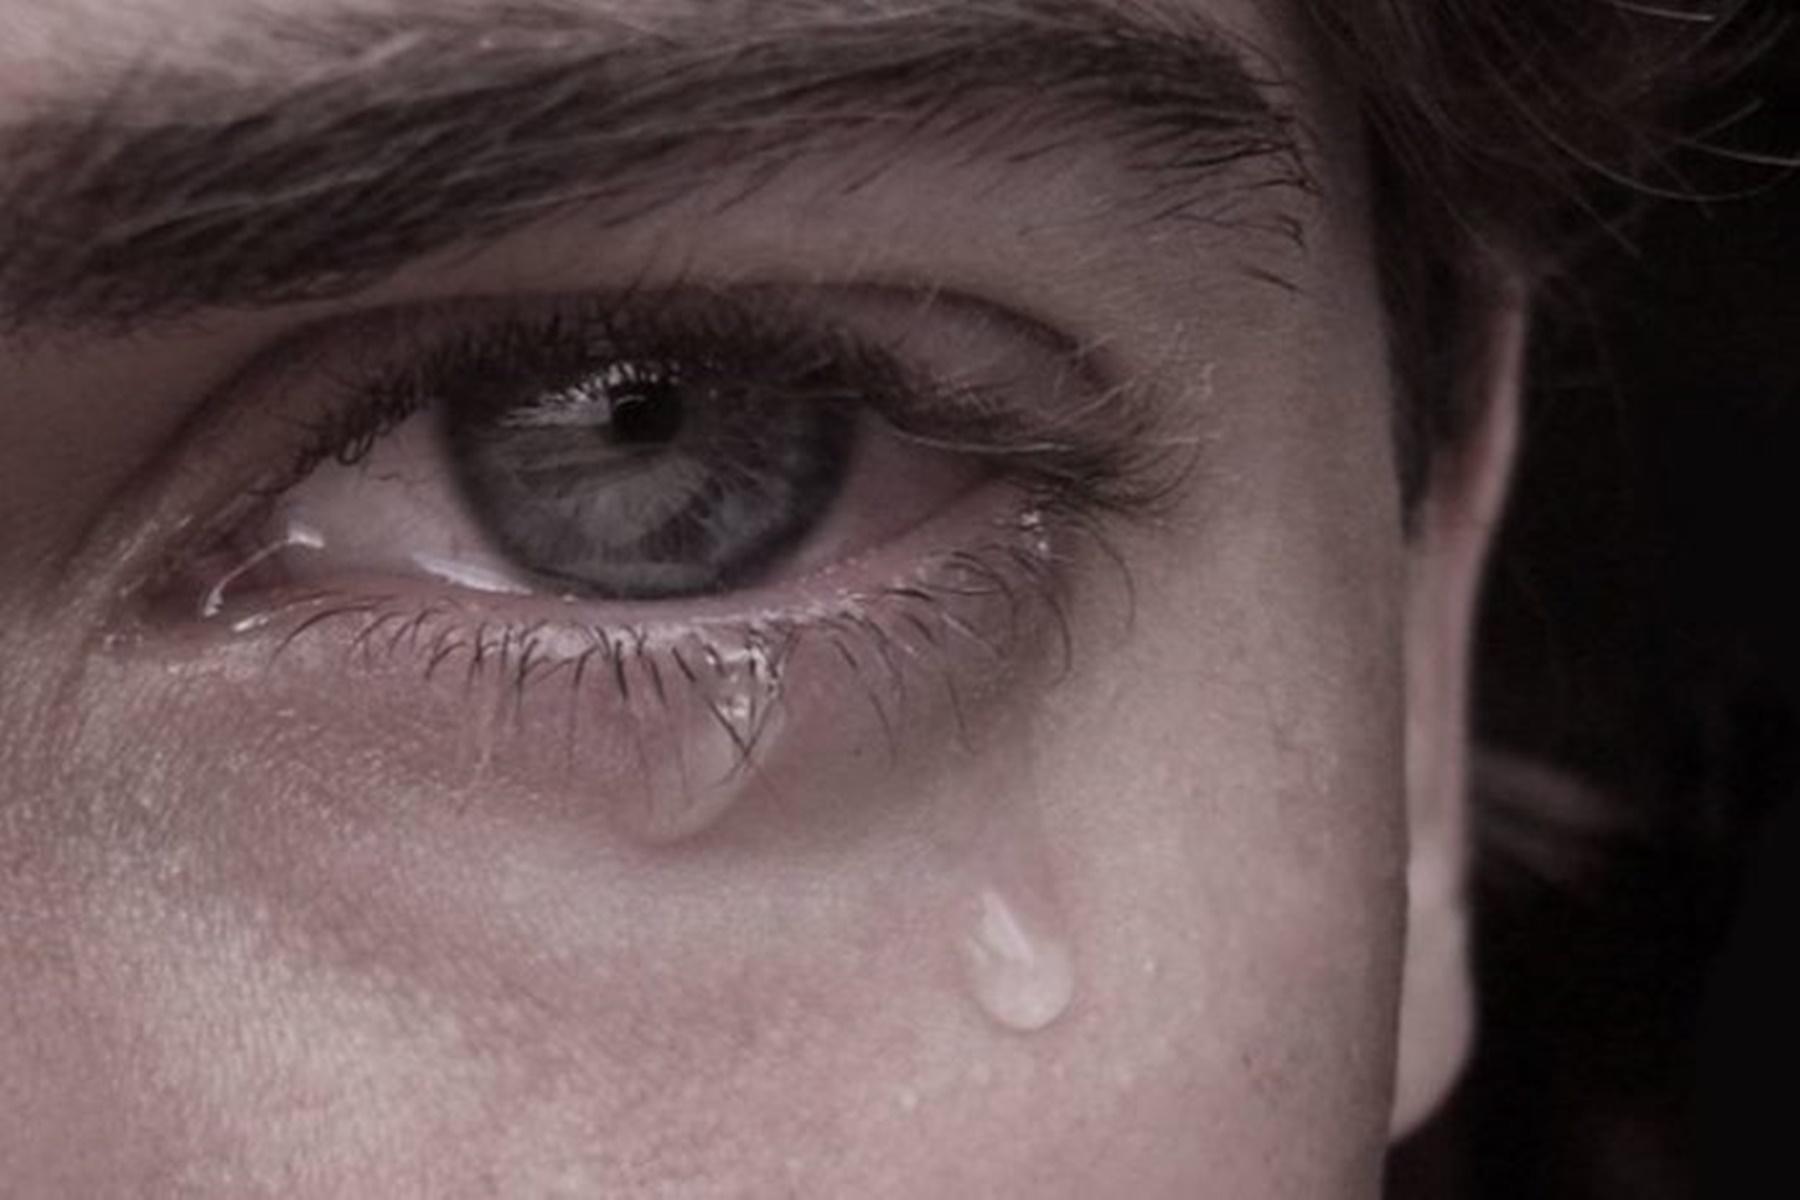 Κλάμα : Ένα μέσο για να φροντίσετε τον εαυτό σας